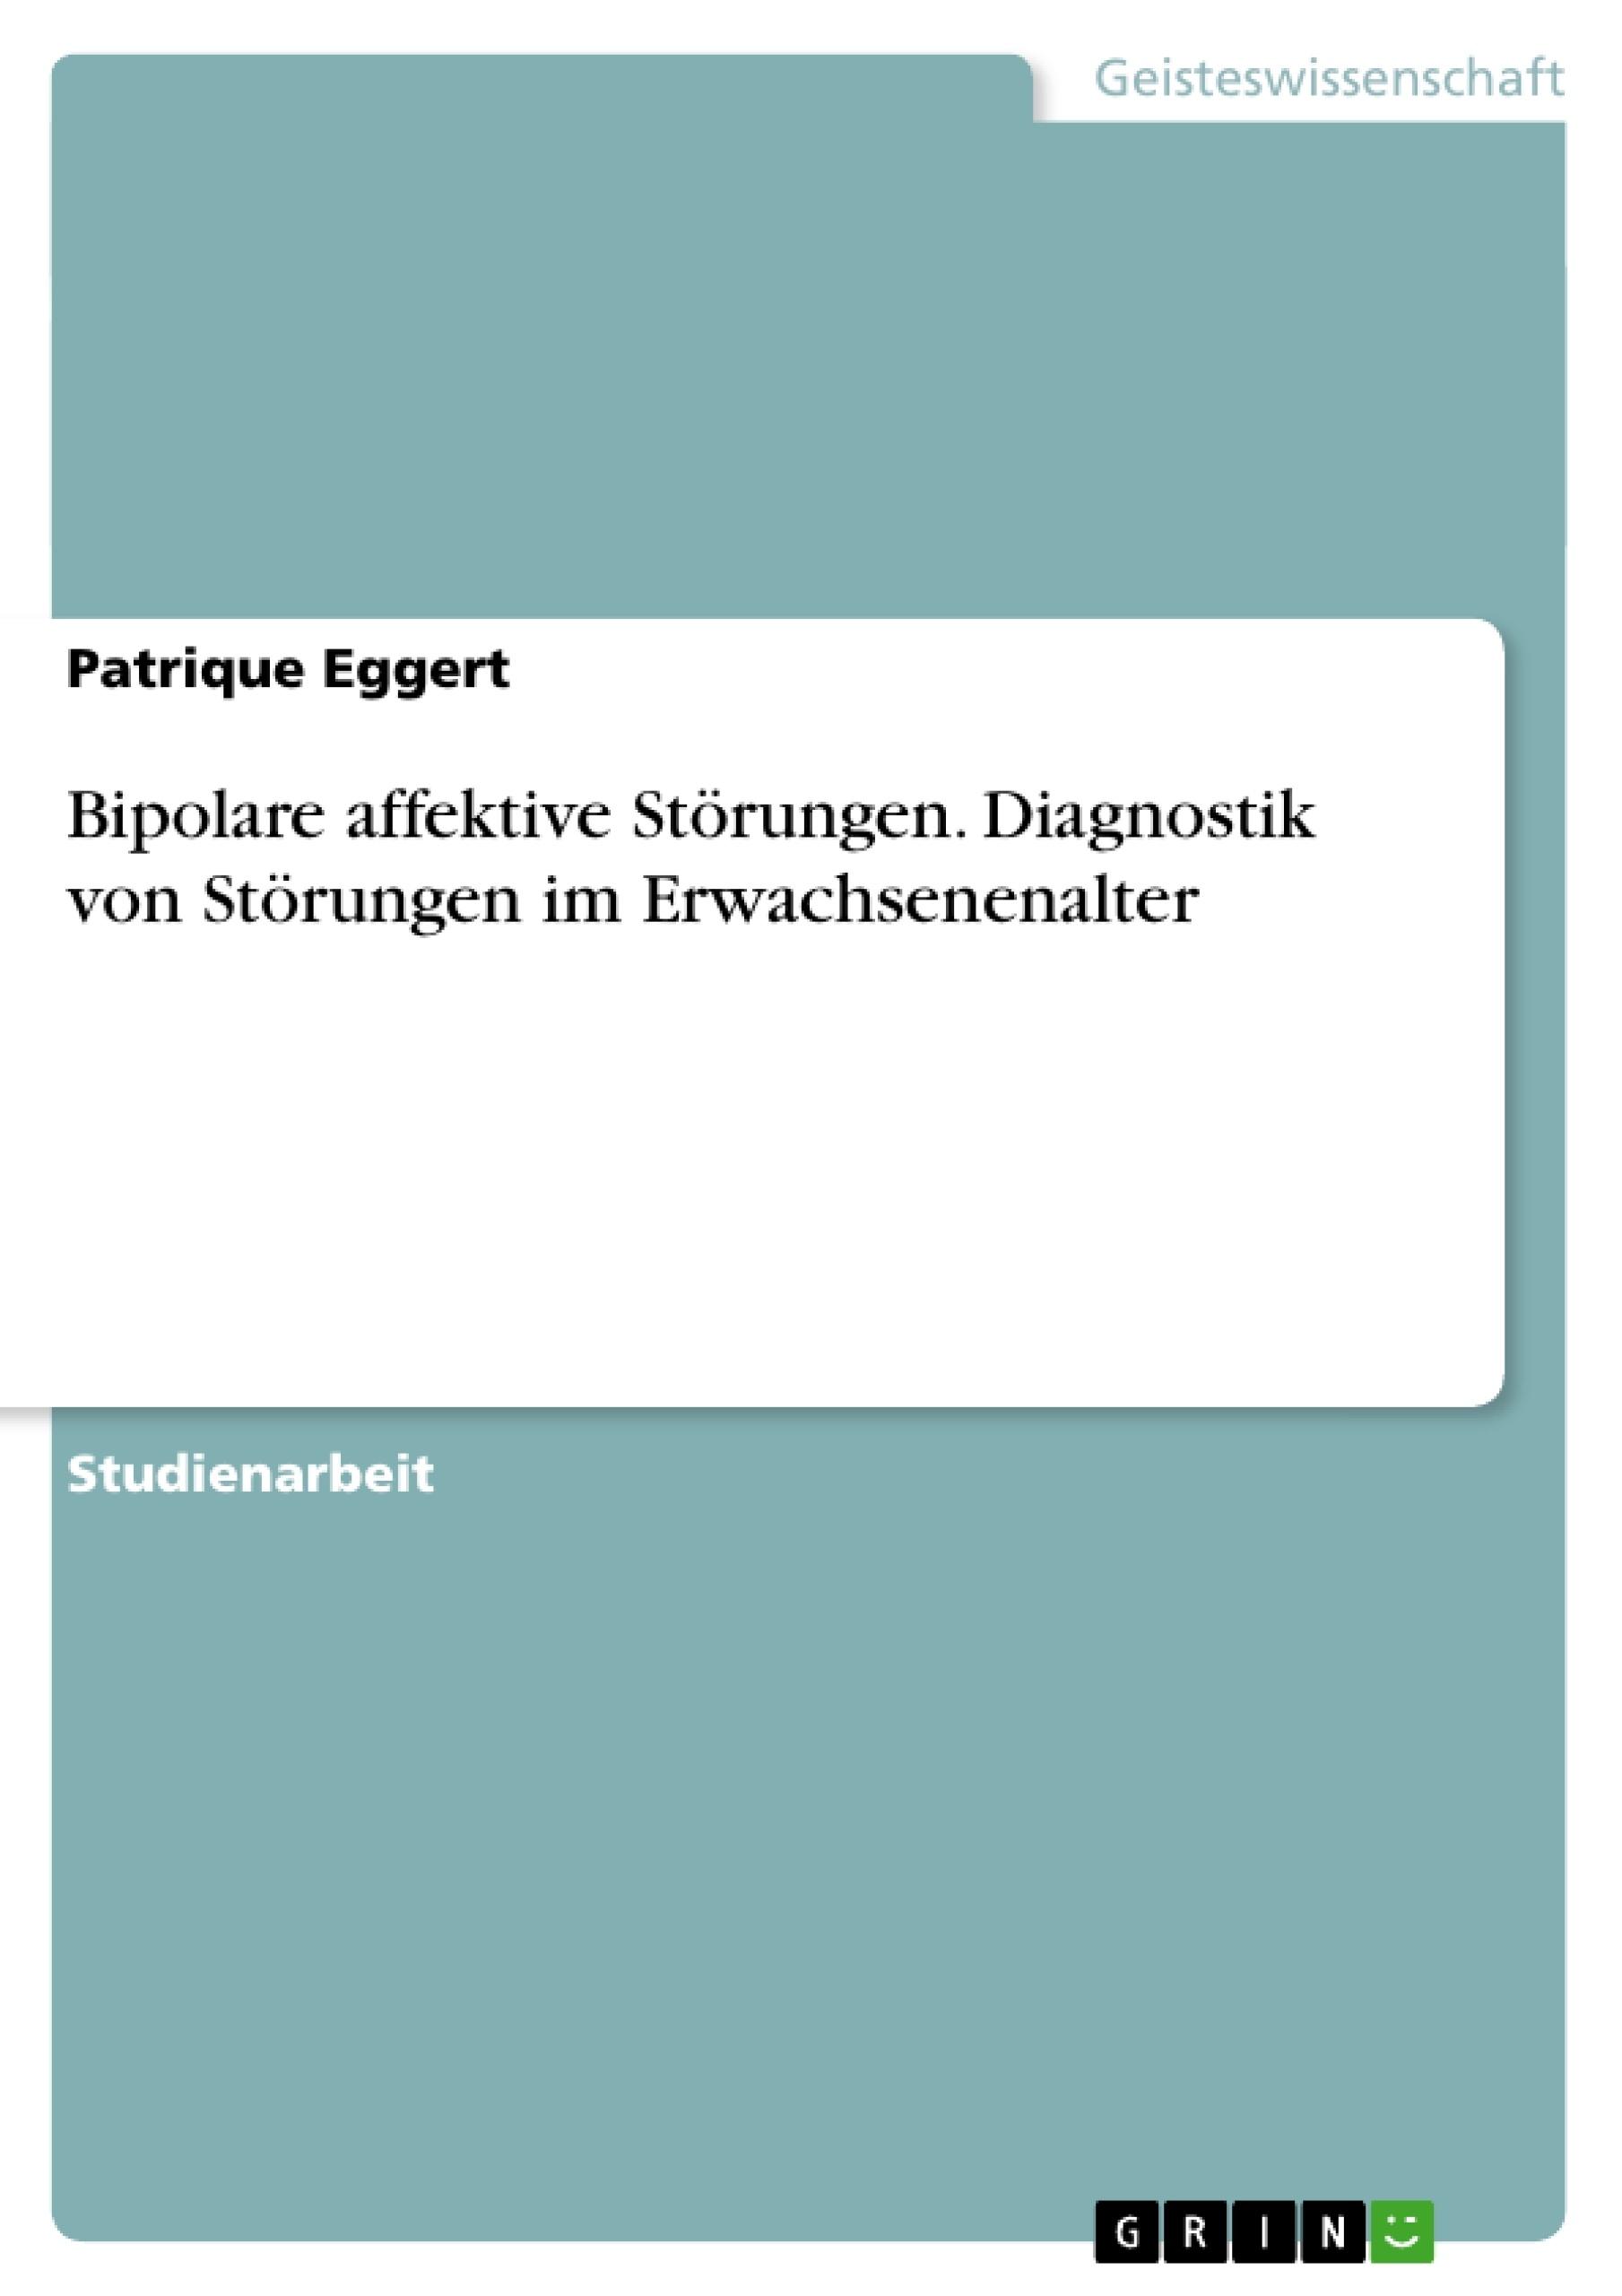 Titel: Bipolare affektive Störungen. Diagnostik von Störungen im Erwachsenenalter